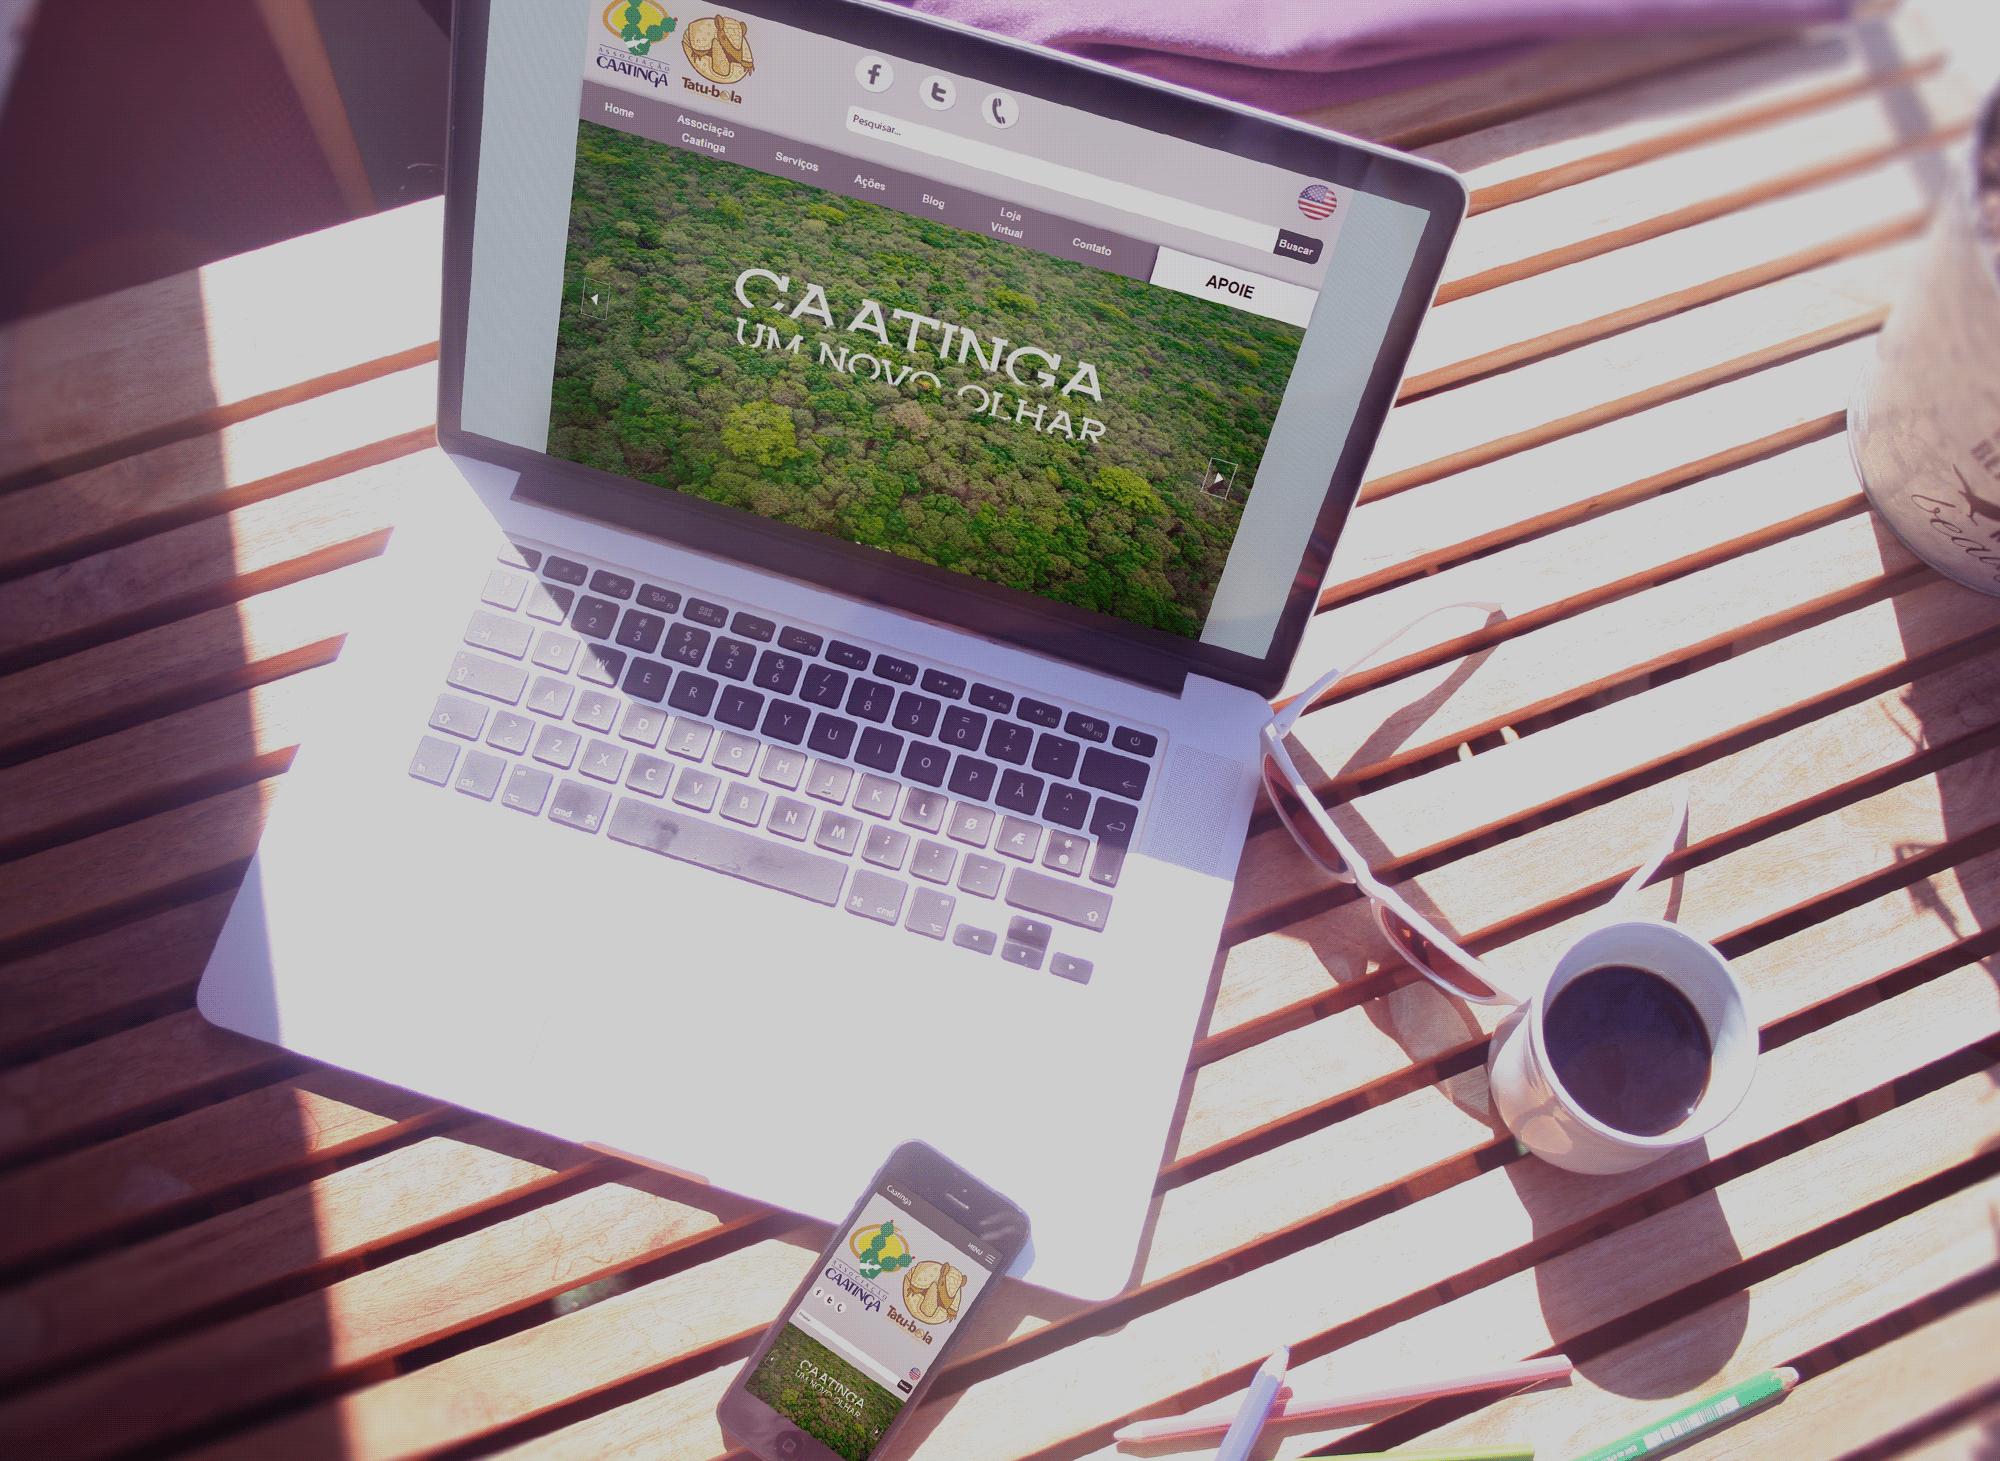 site-associacao-caatinga-portfolio-criacao-sites-agencia-diretriz-digital-marketing